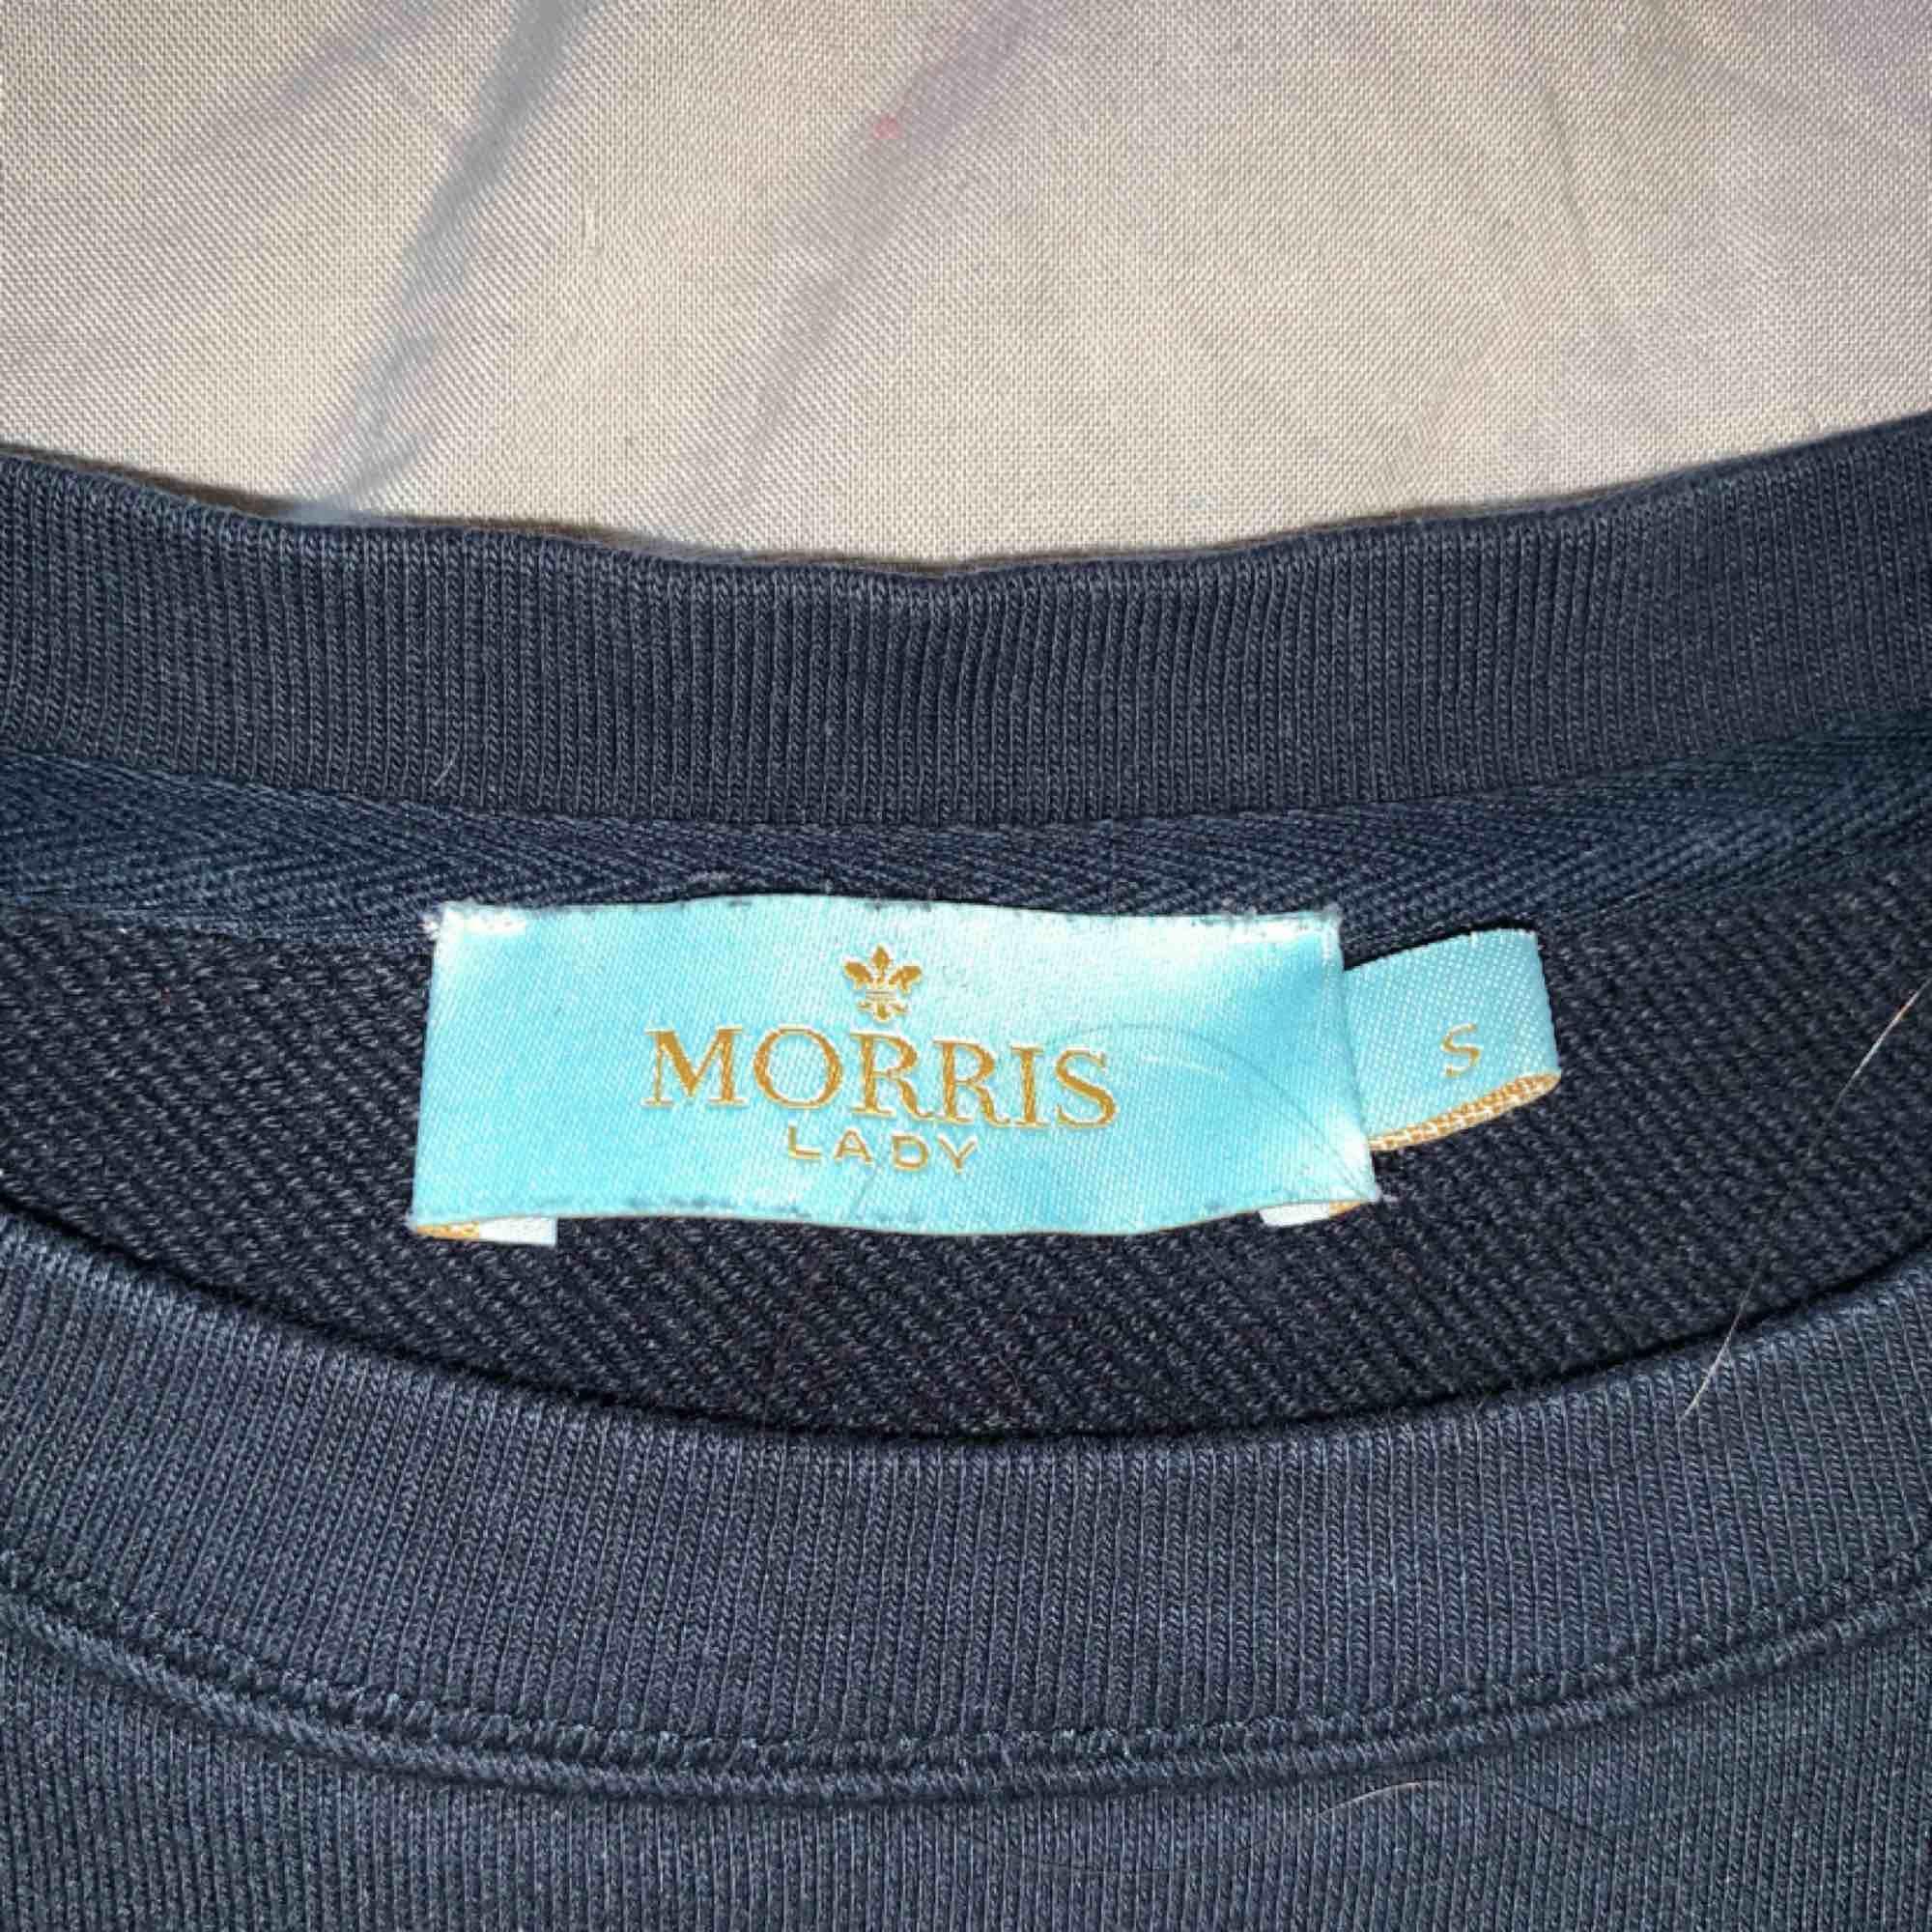 Säljer en Morris tröja i väldigt bra skick. Säljes på grund av att den inte kommer till användning längre. Inköpspris ca 1000kr. Priset är inklusive frakt.. Tröjor & Koftor.